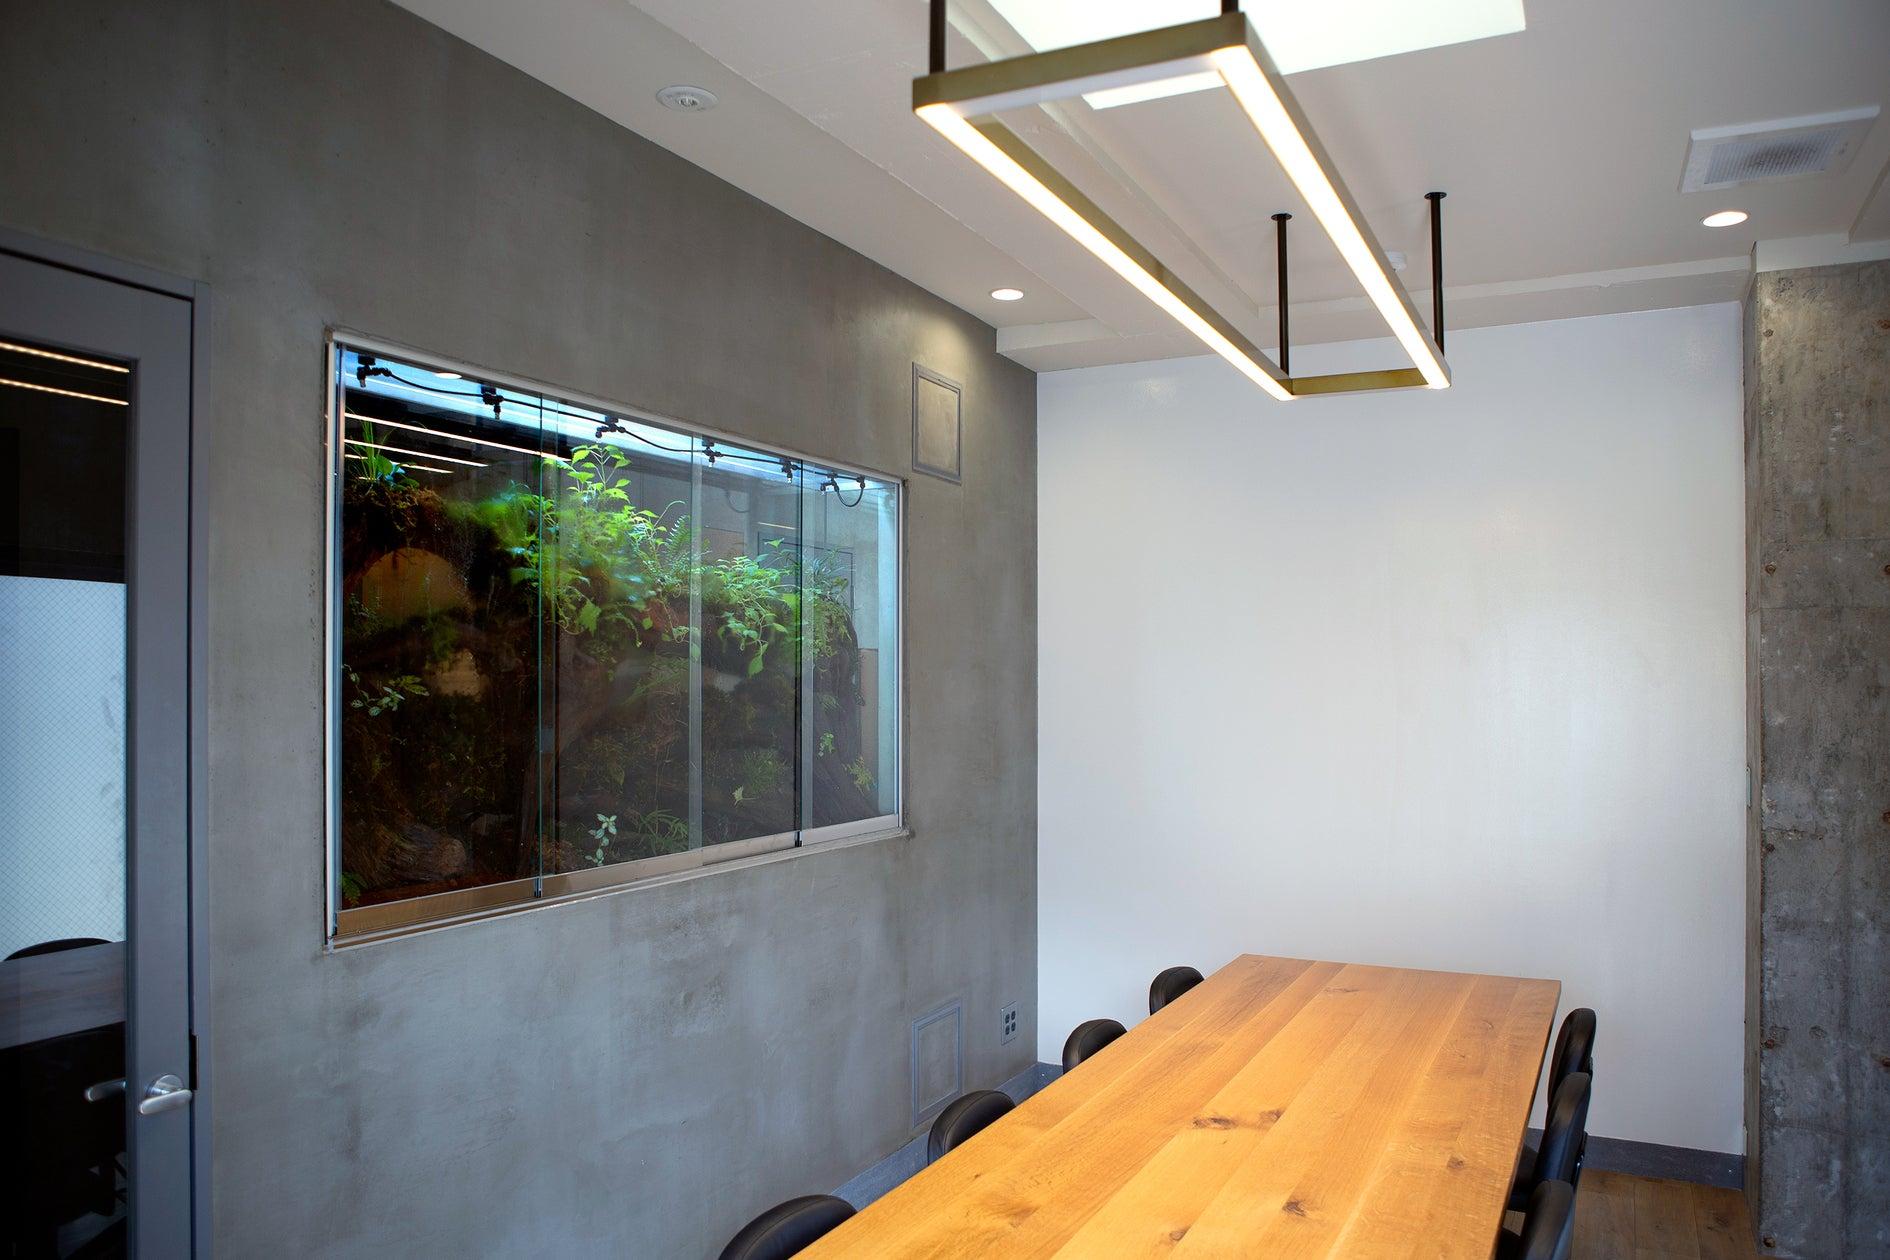 【表参道駅3分・渋谷駅徒歩圏内】パルダリウムに癒される会議室・コワーキングスペース・バルコニーでの喫煙可。